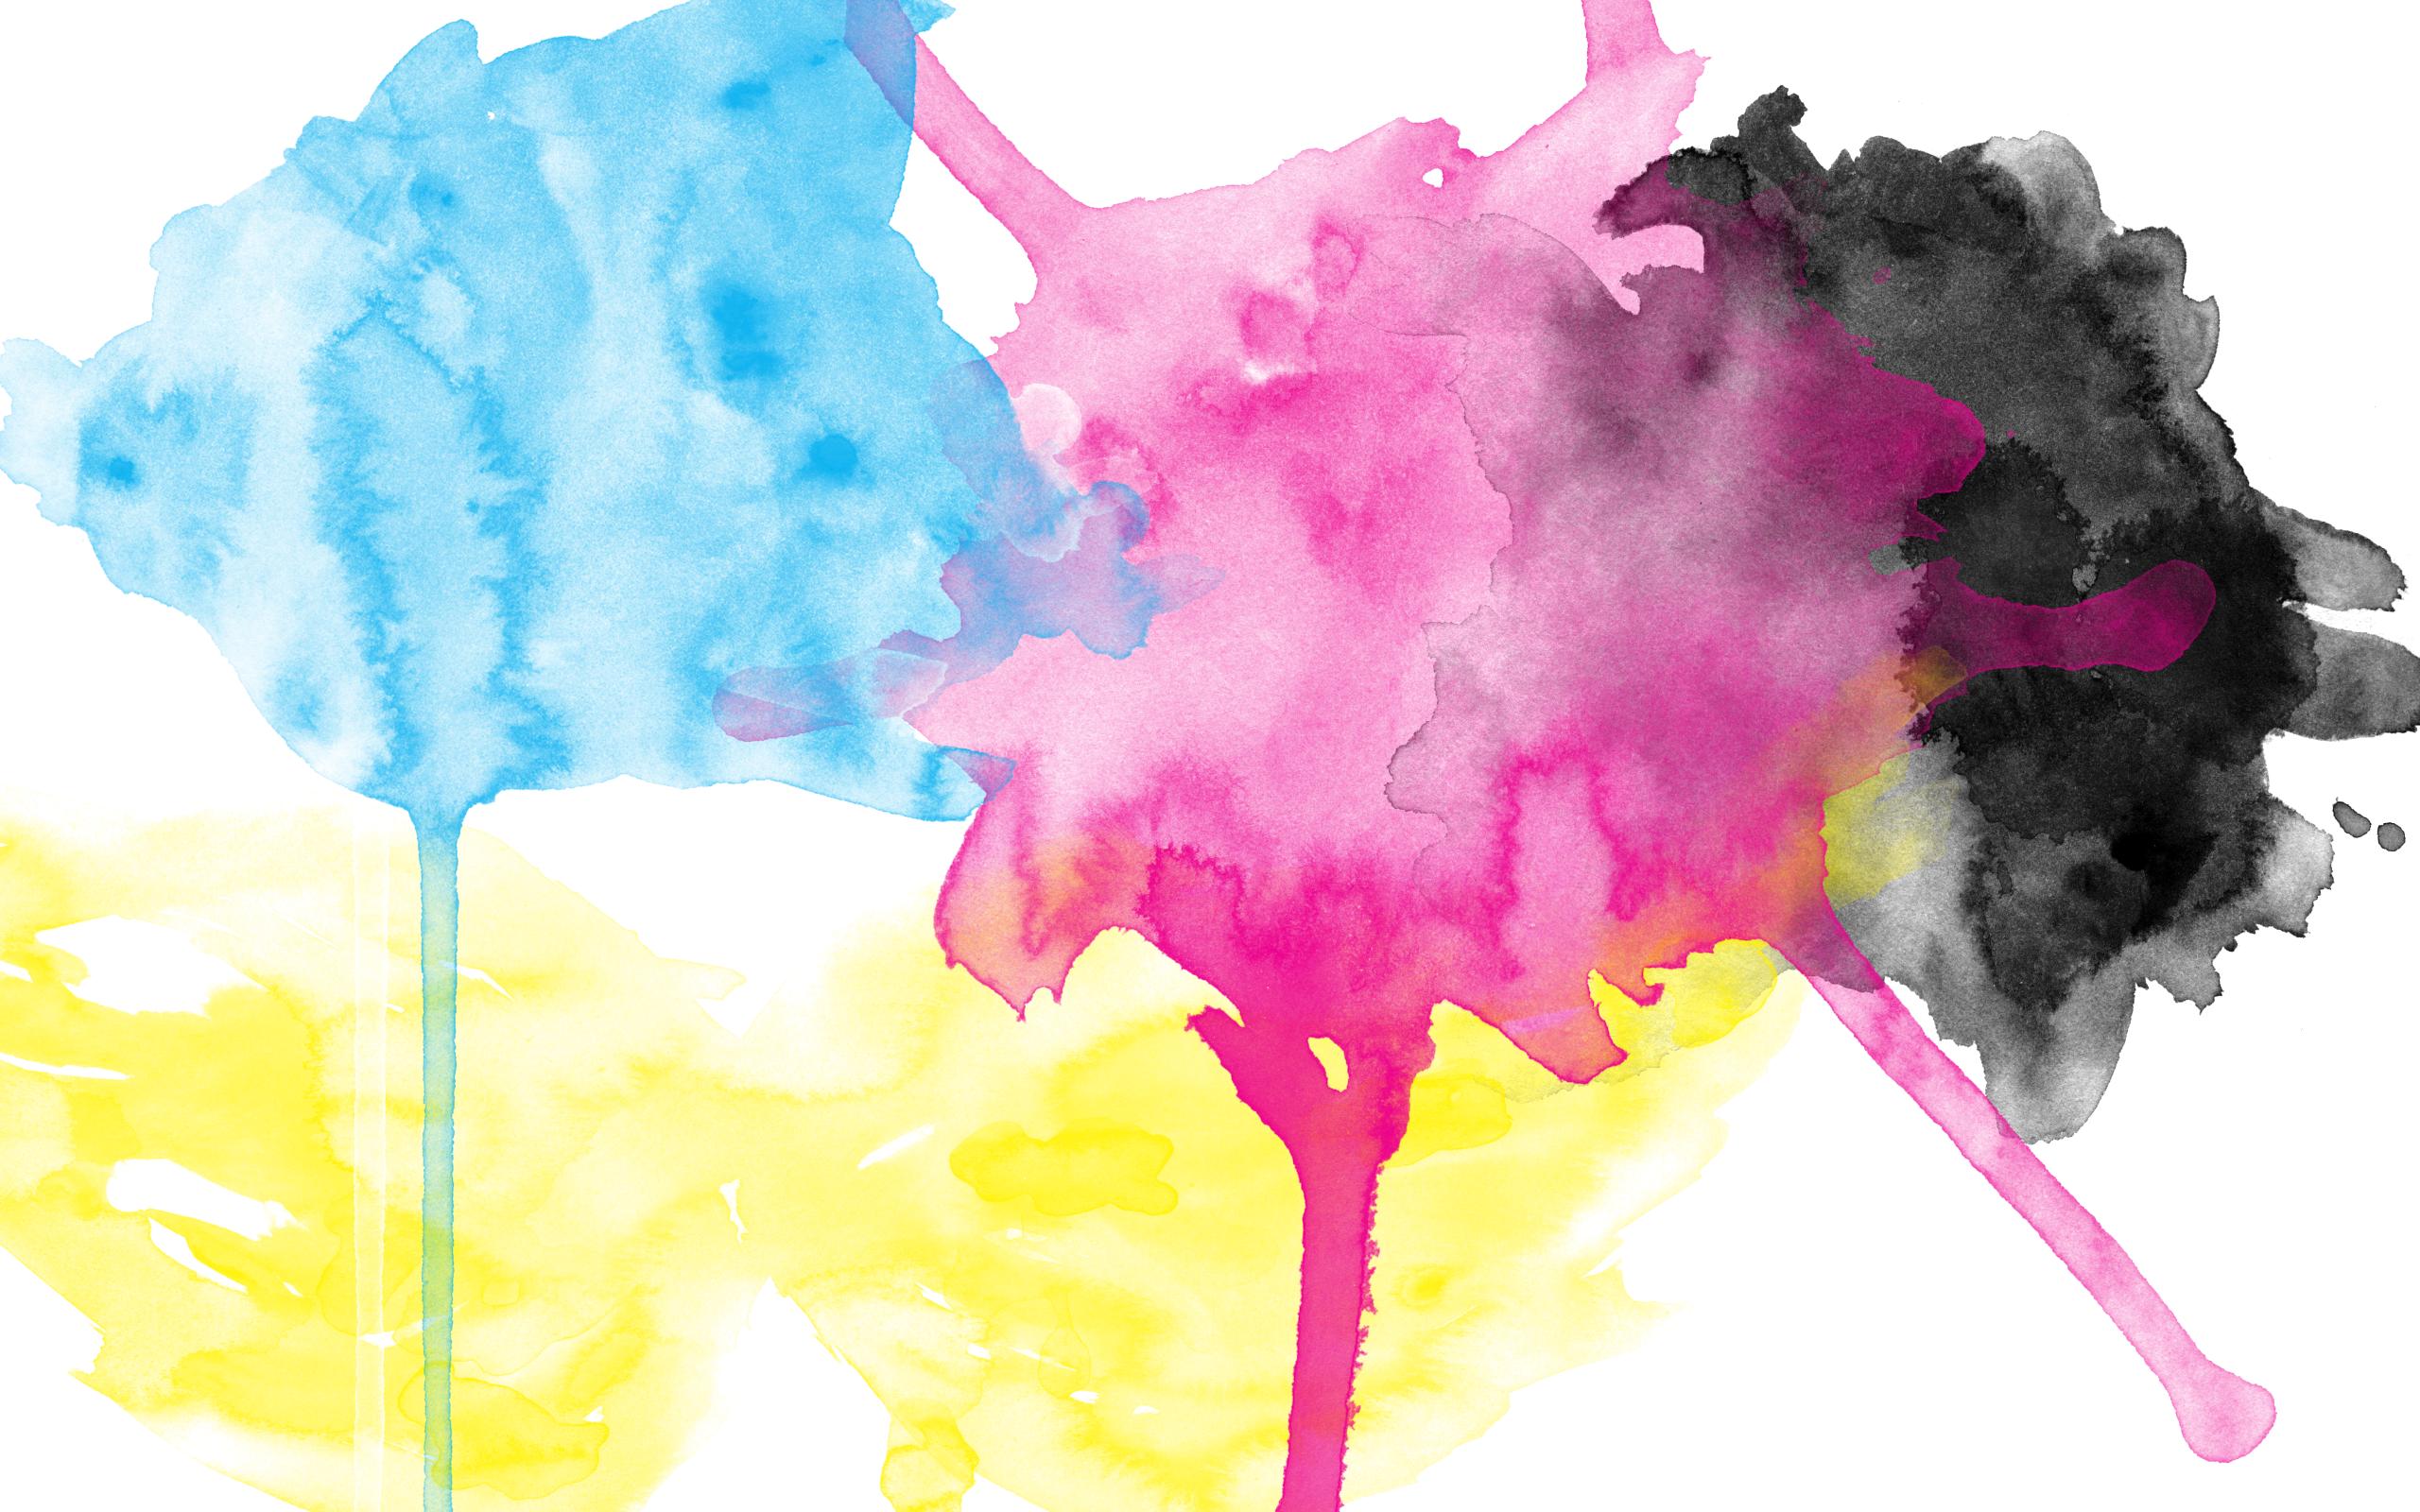 Iphone wallpaper freebie - Watercolour Wallpaper Wallpapersafari